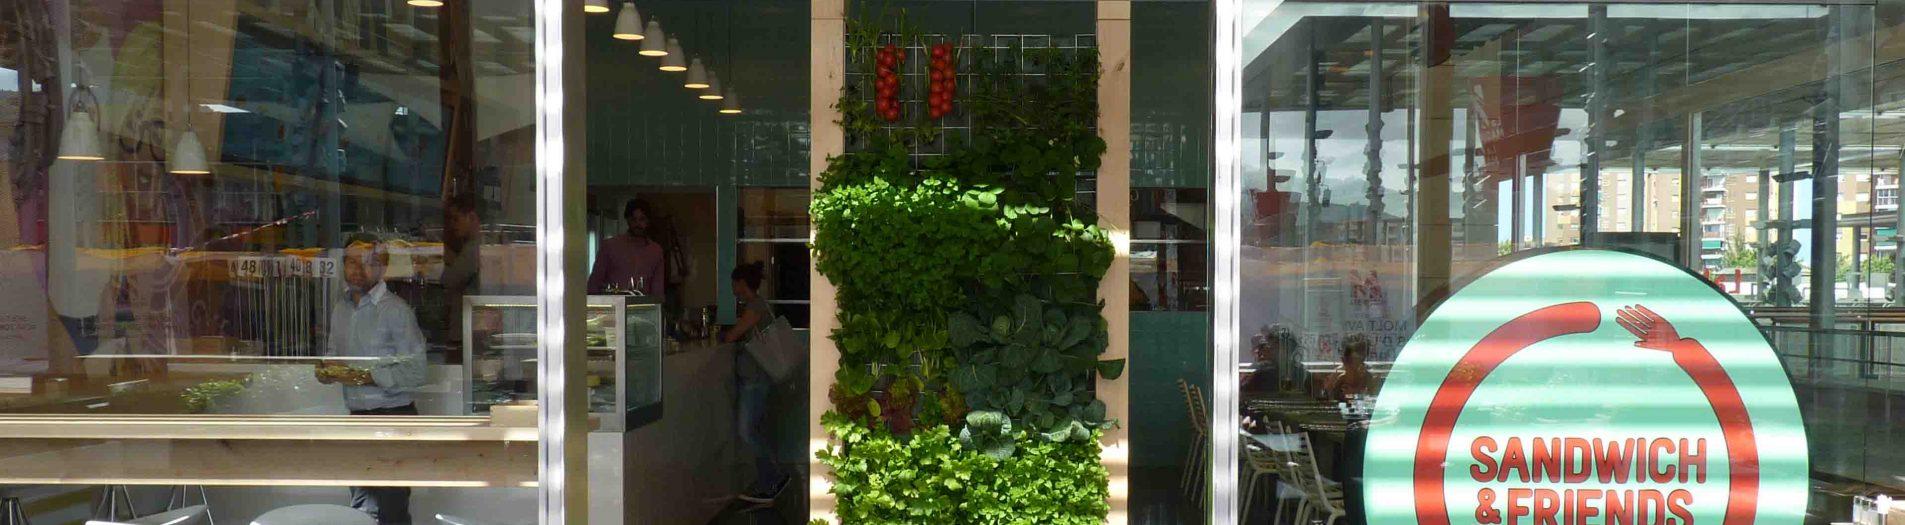 Vertical vegetable garden in a restaurant in Barcelona